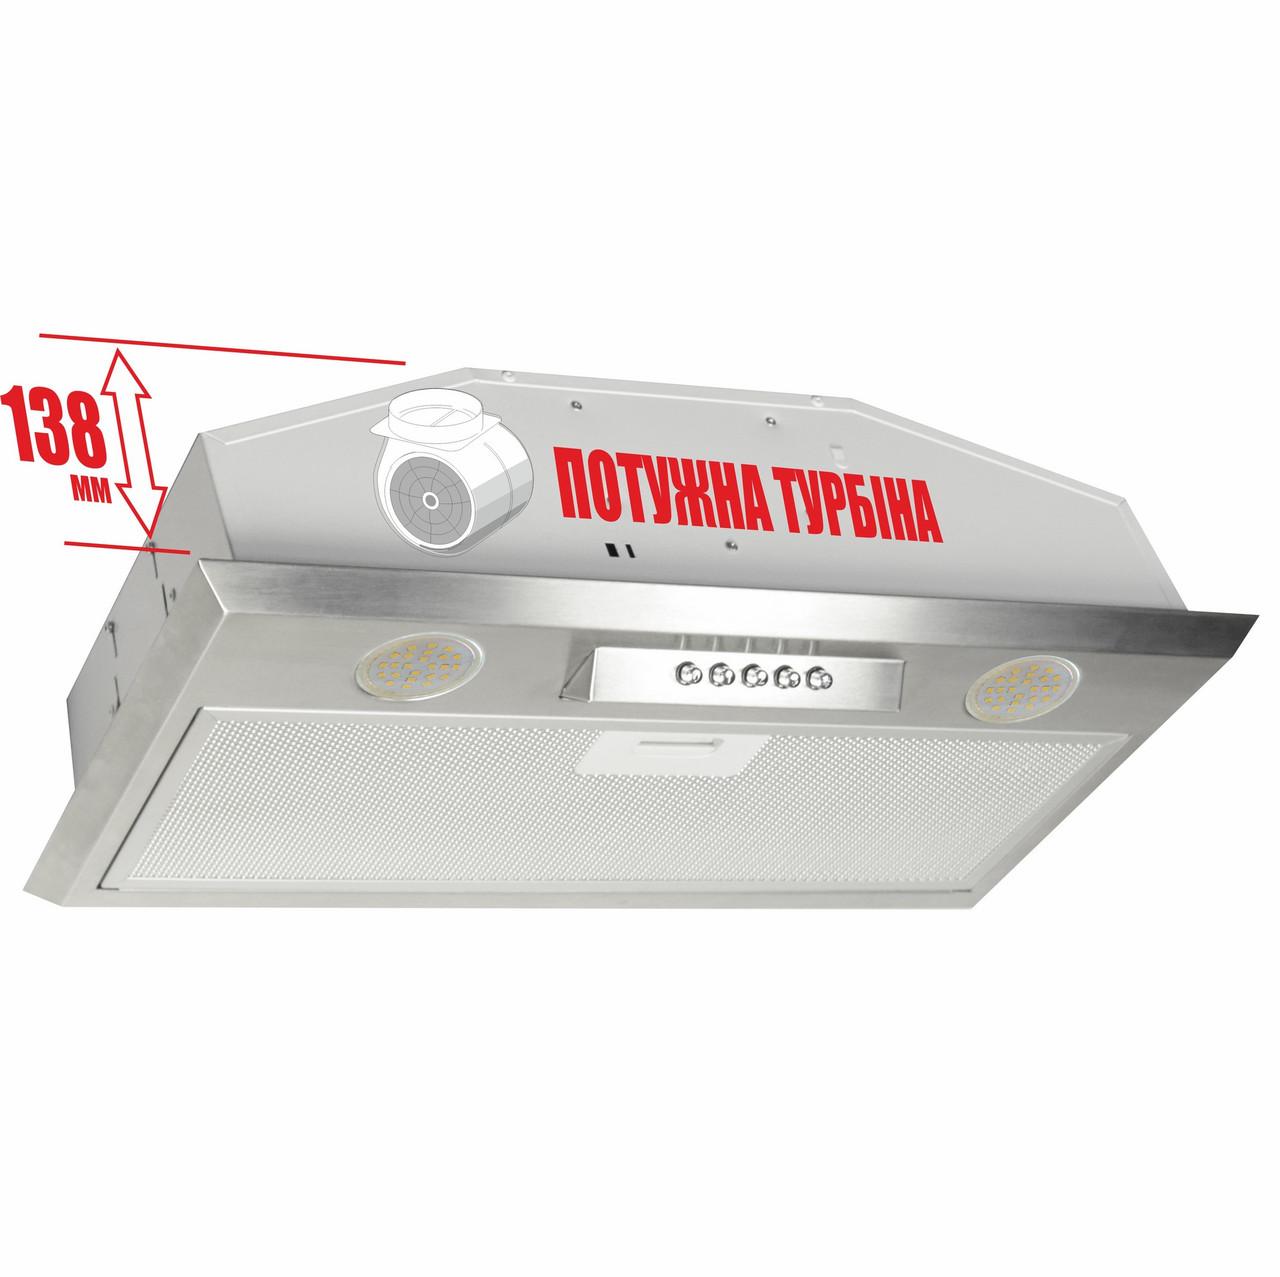 Витяжка вбудовувана кухонна ELEYUS Modul 700 LED SMD 52 IS + Безкоштовна доставка!